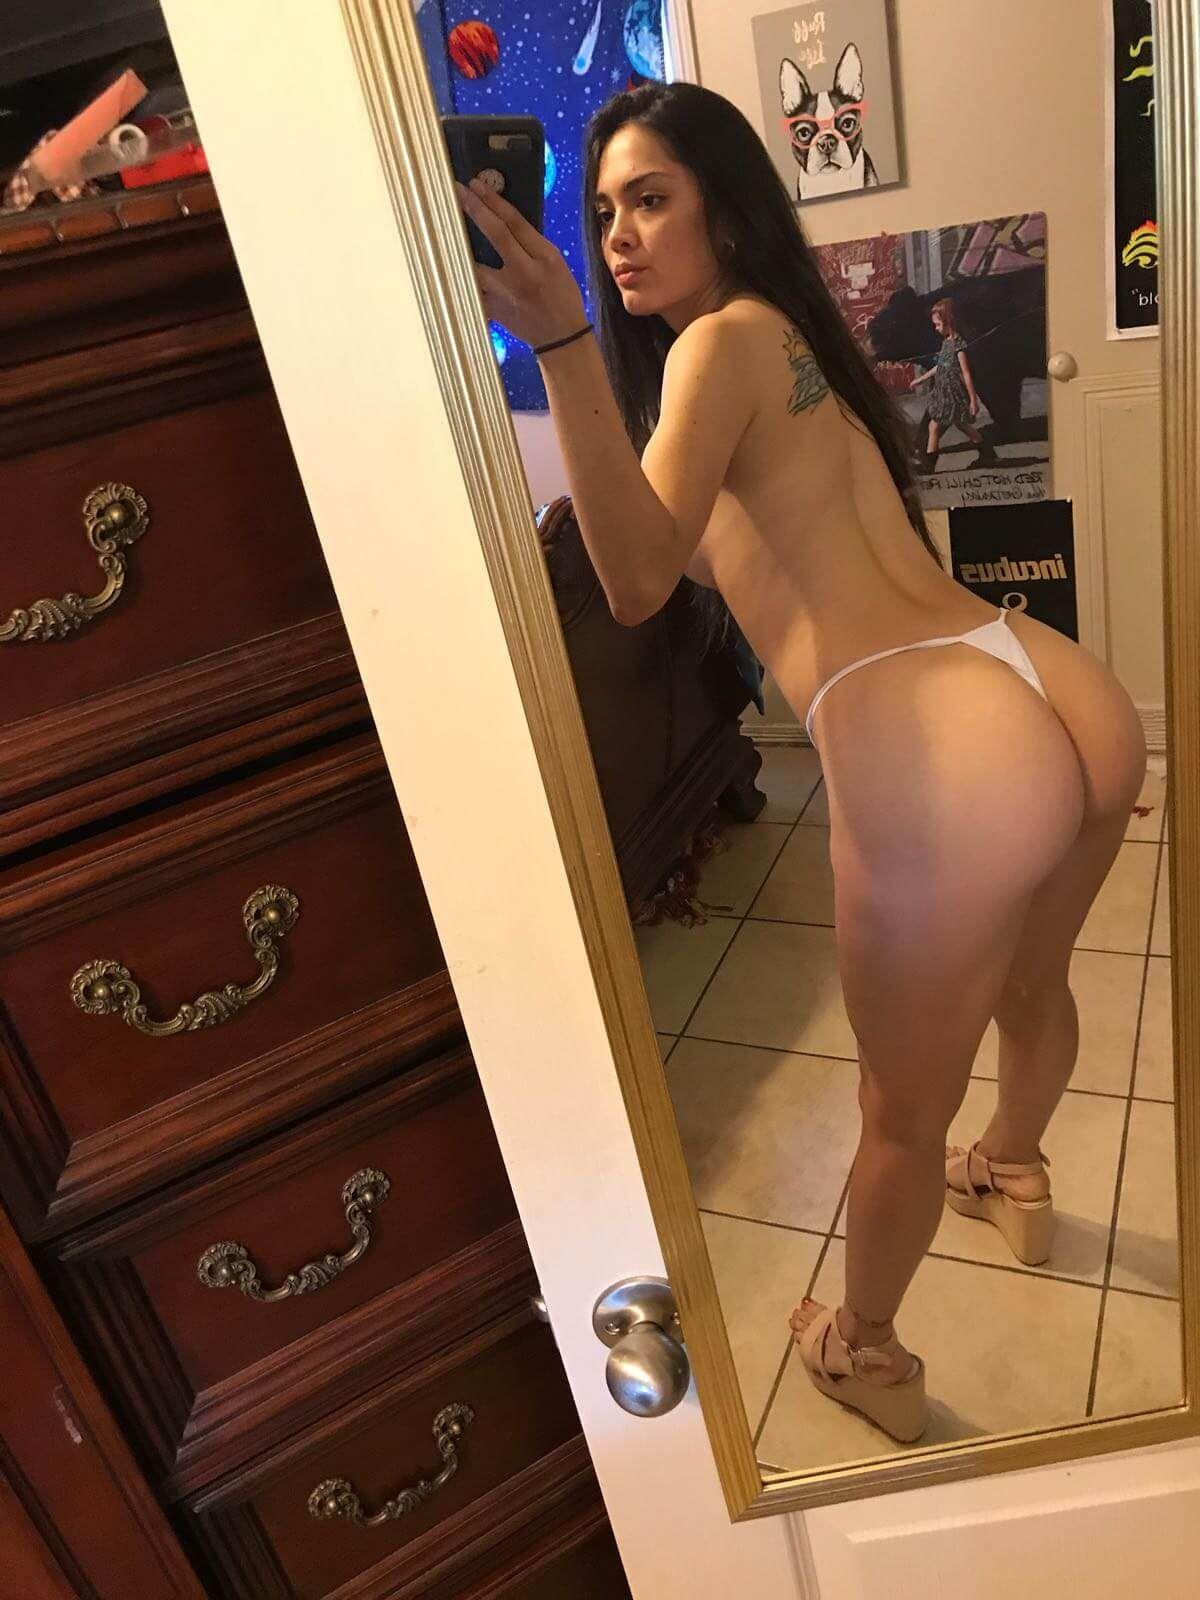 Rico cuerpo de joven Tania fotos + videos 3